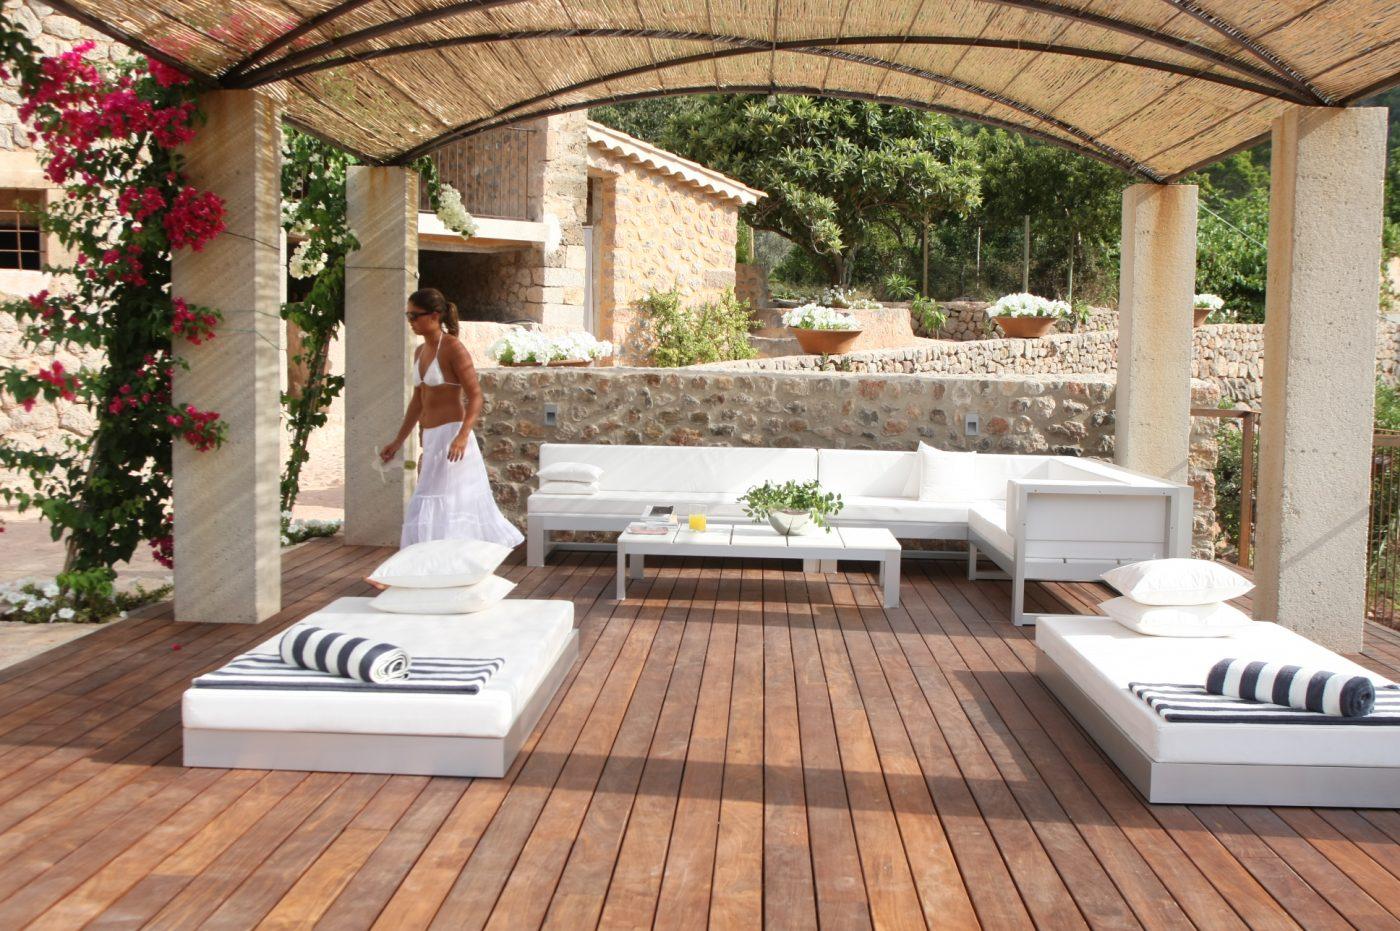 Lemon orchard estate a glorious luxury villa in mallorca for Decoracion con plantas para exteriores